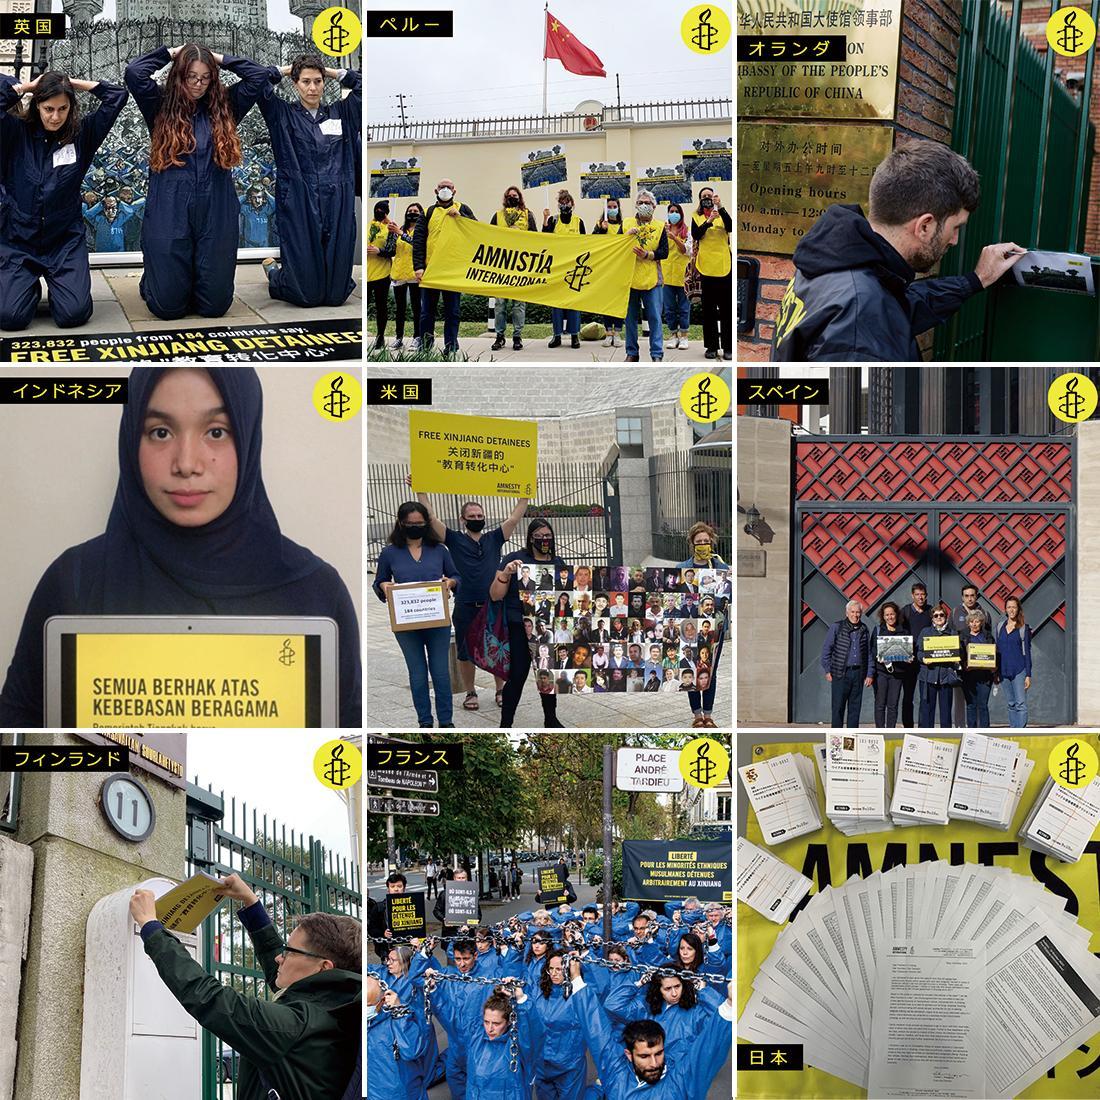 新疆ウイグル自治区で不当に拘束されている人たちの釈放を求める嘆願書を、世界各国の中国大使館に提出